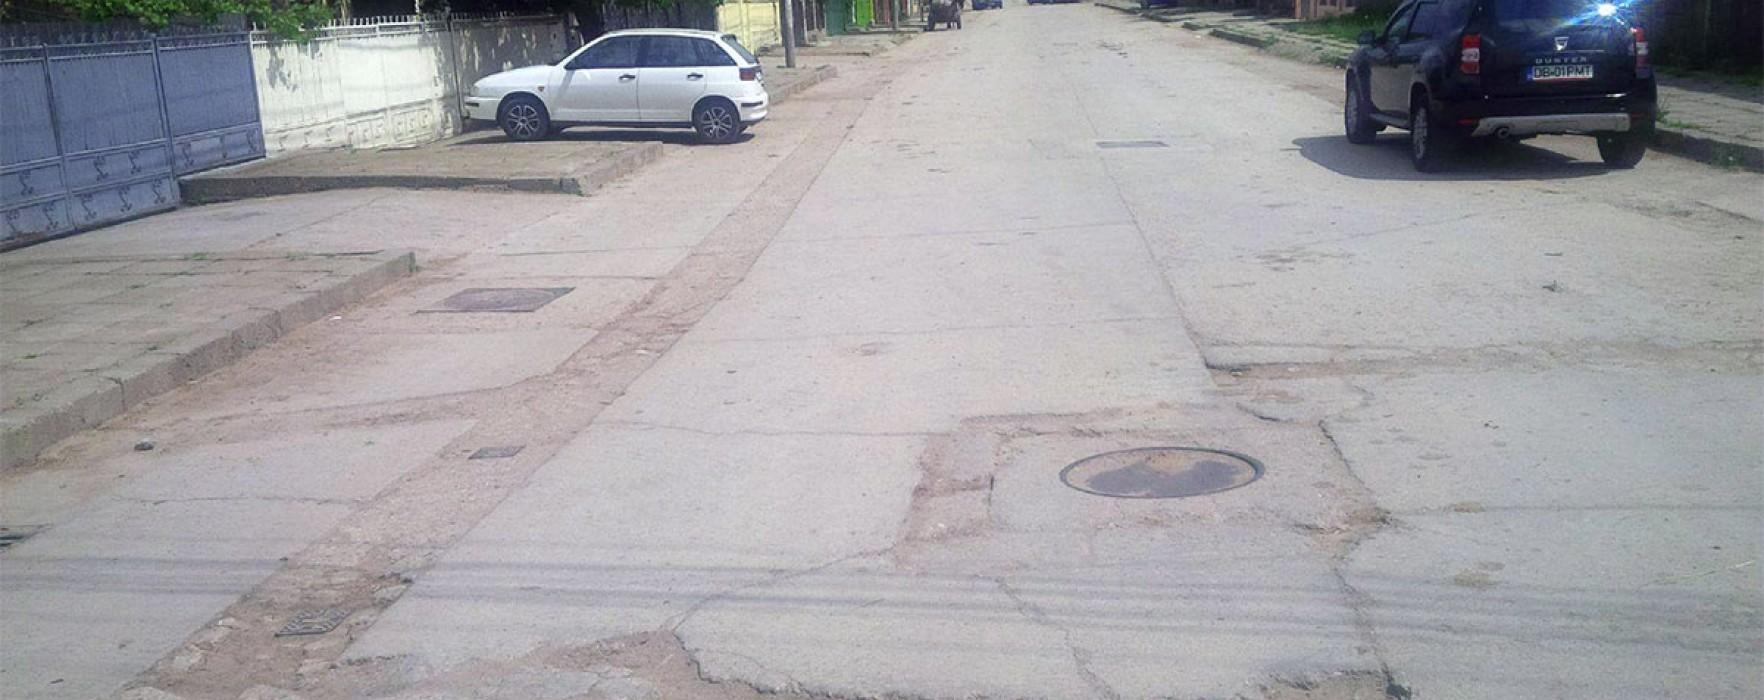 Târgovişte: Vor începe lucrările de asfaltare în Cartierul Matei Voievod